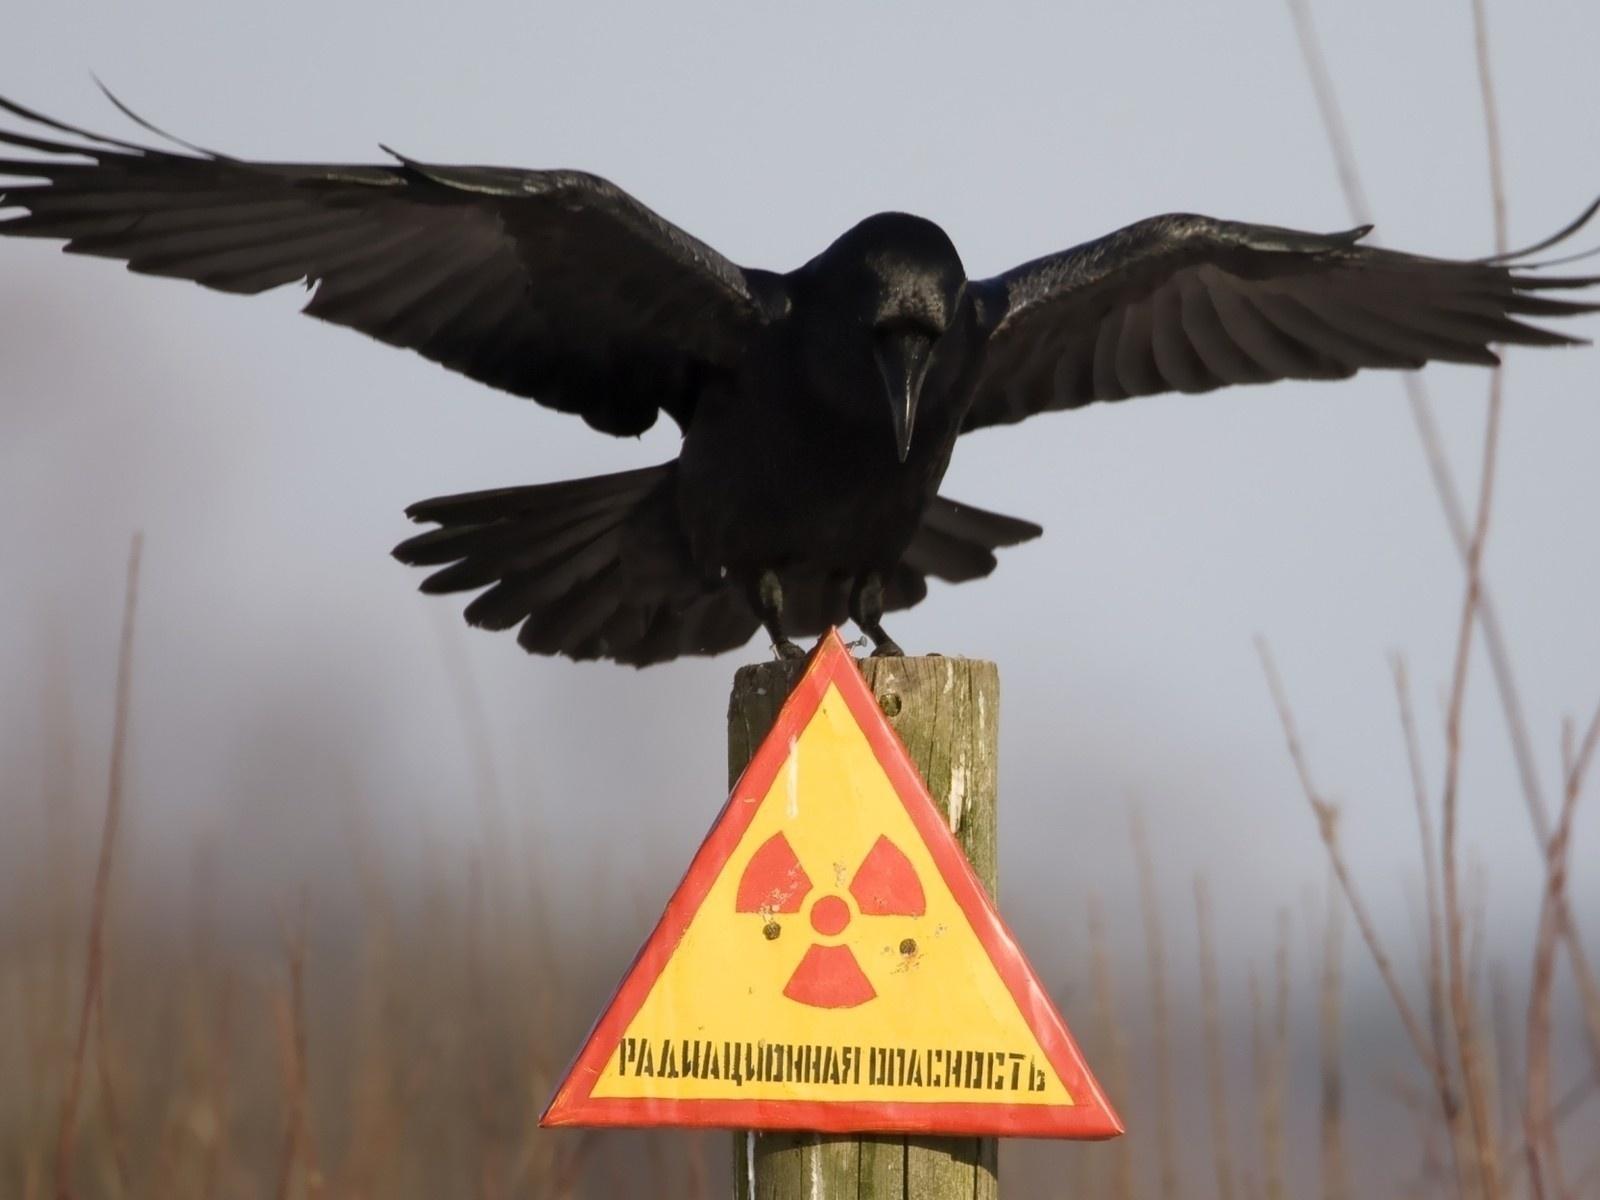 зона, радиация, знак, ворон, туман, опасность, серость, животные, птицы